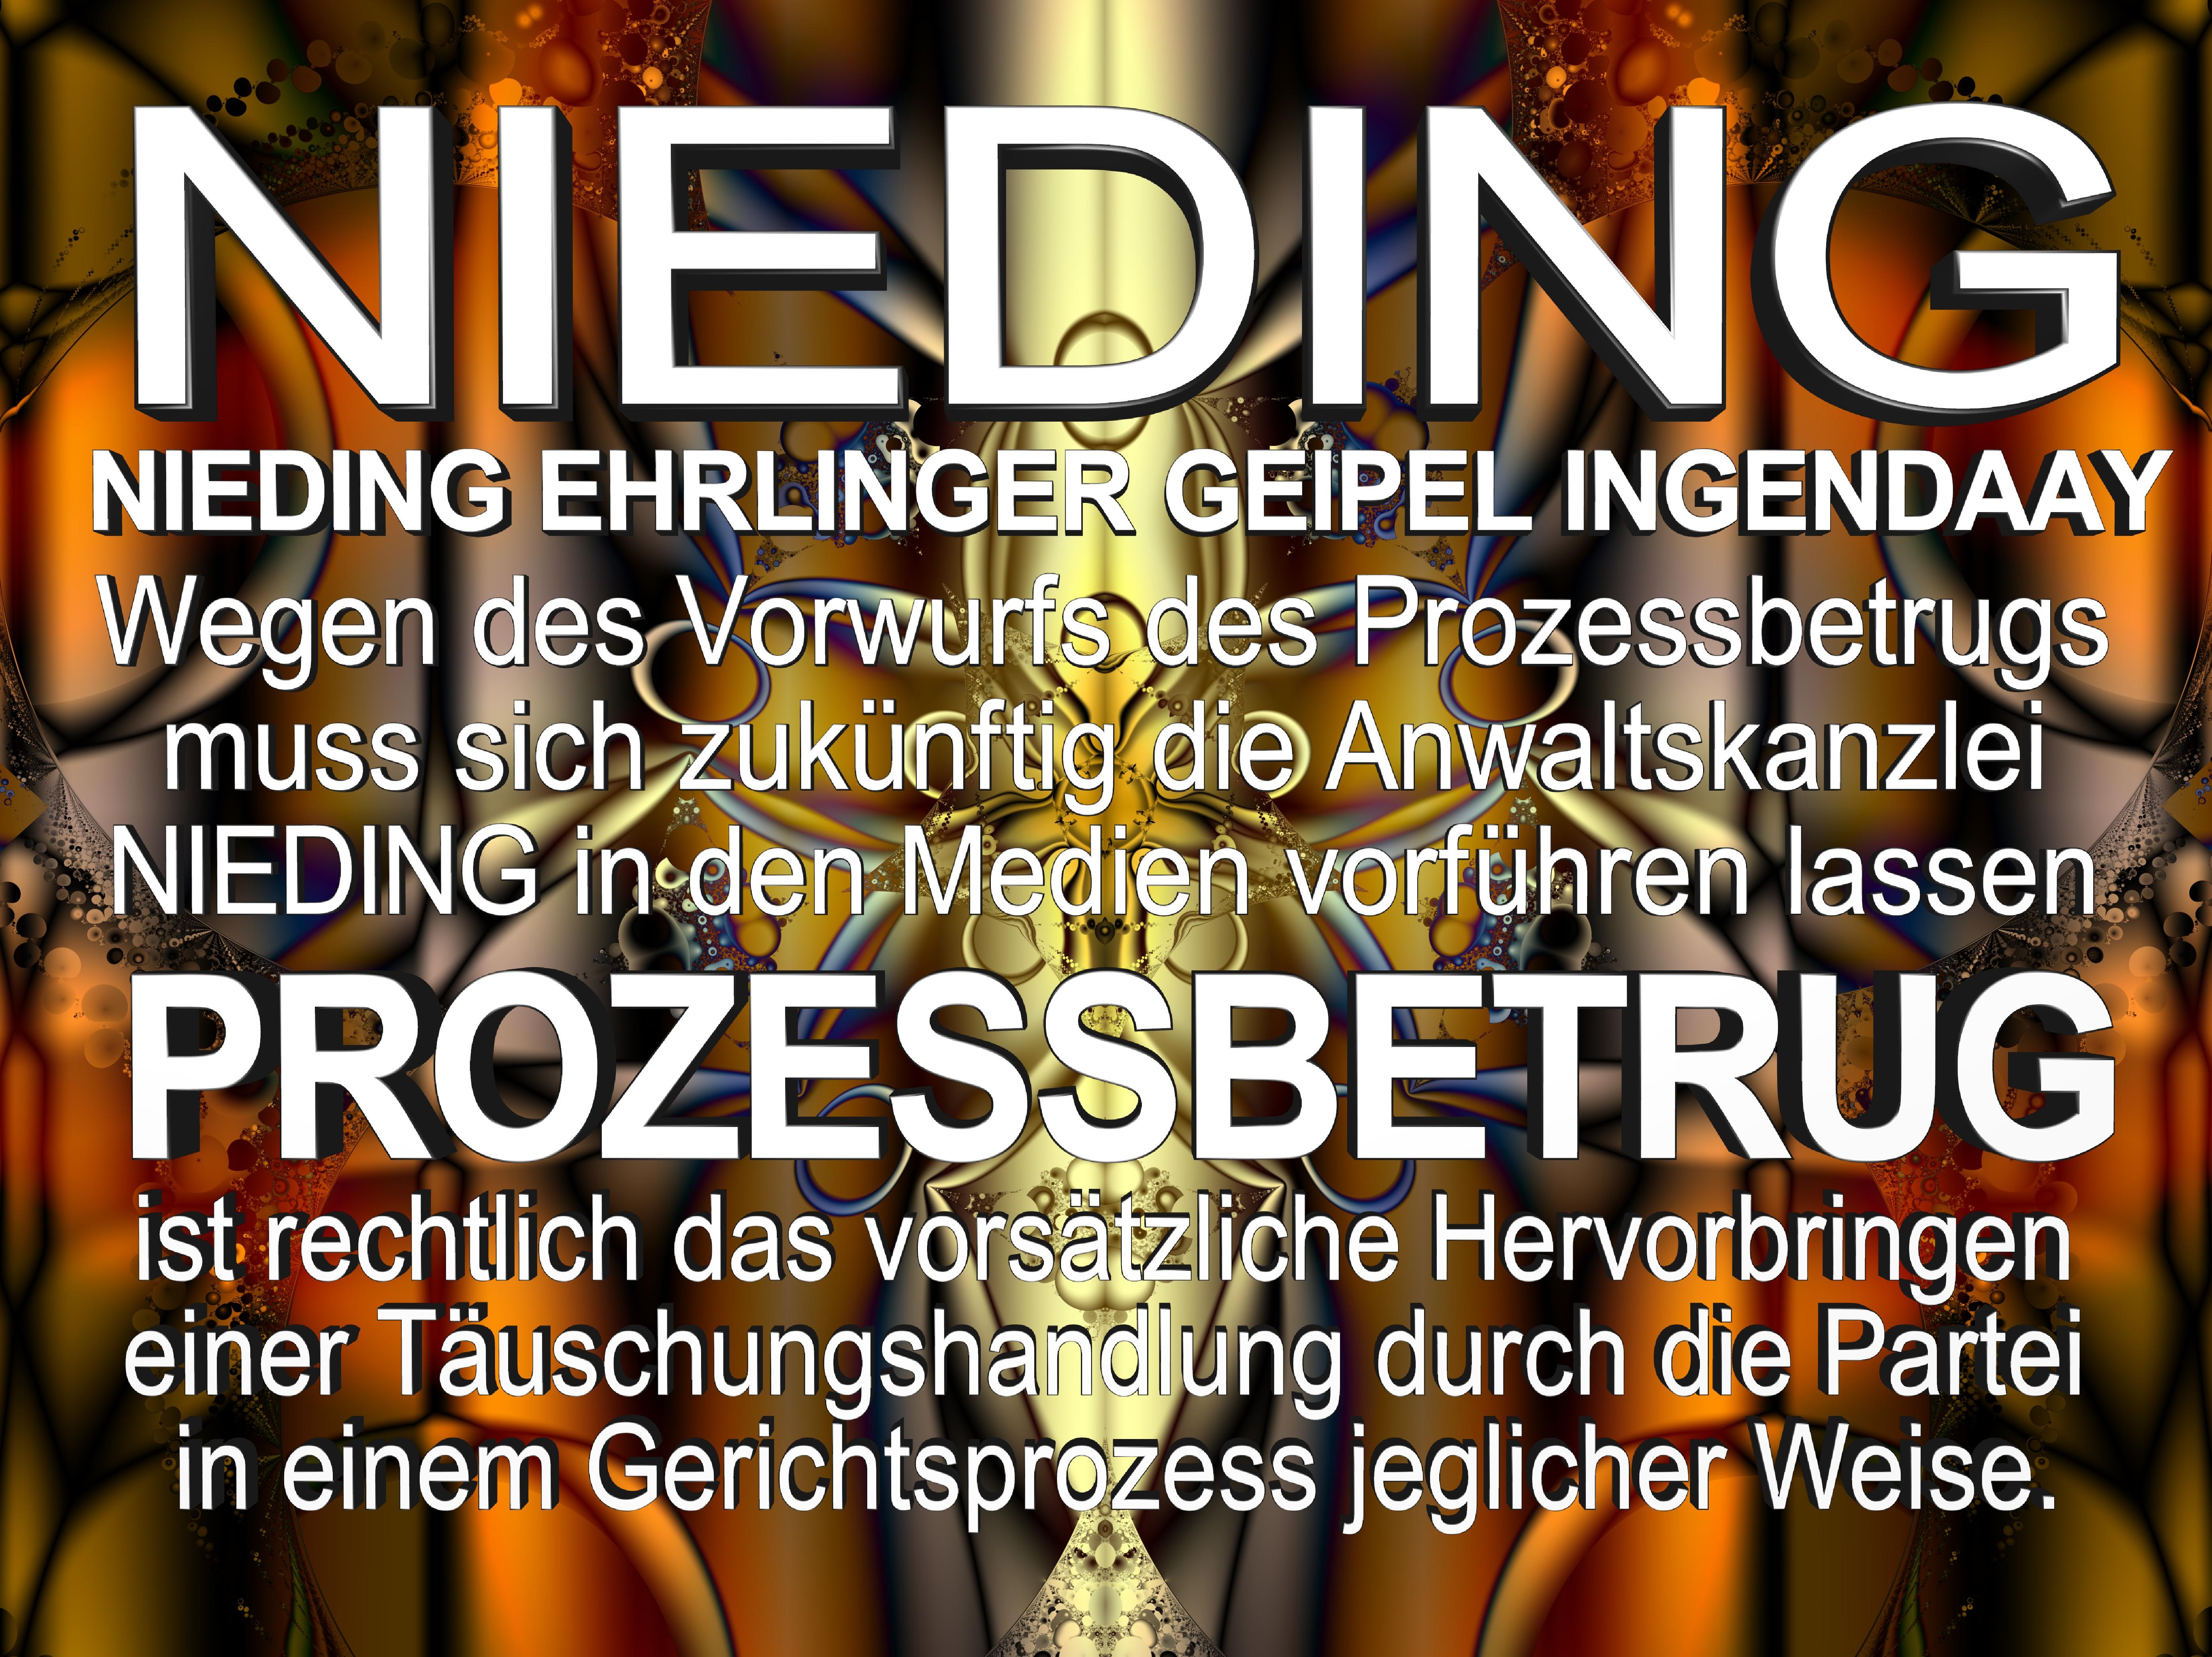 NIEDING EHRLINGER GEIPEL INGENDAAY LELKE Kurfürstendamm 66 Berlin (203)